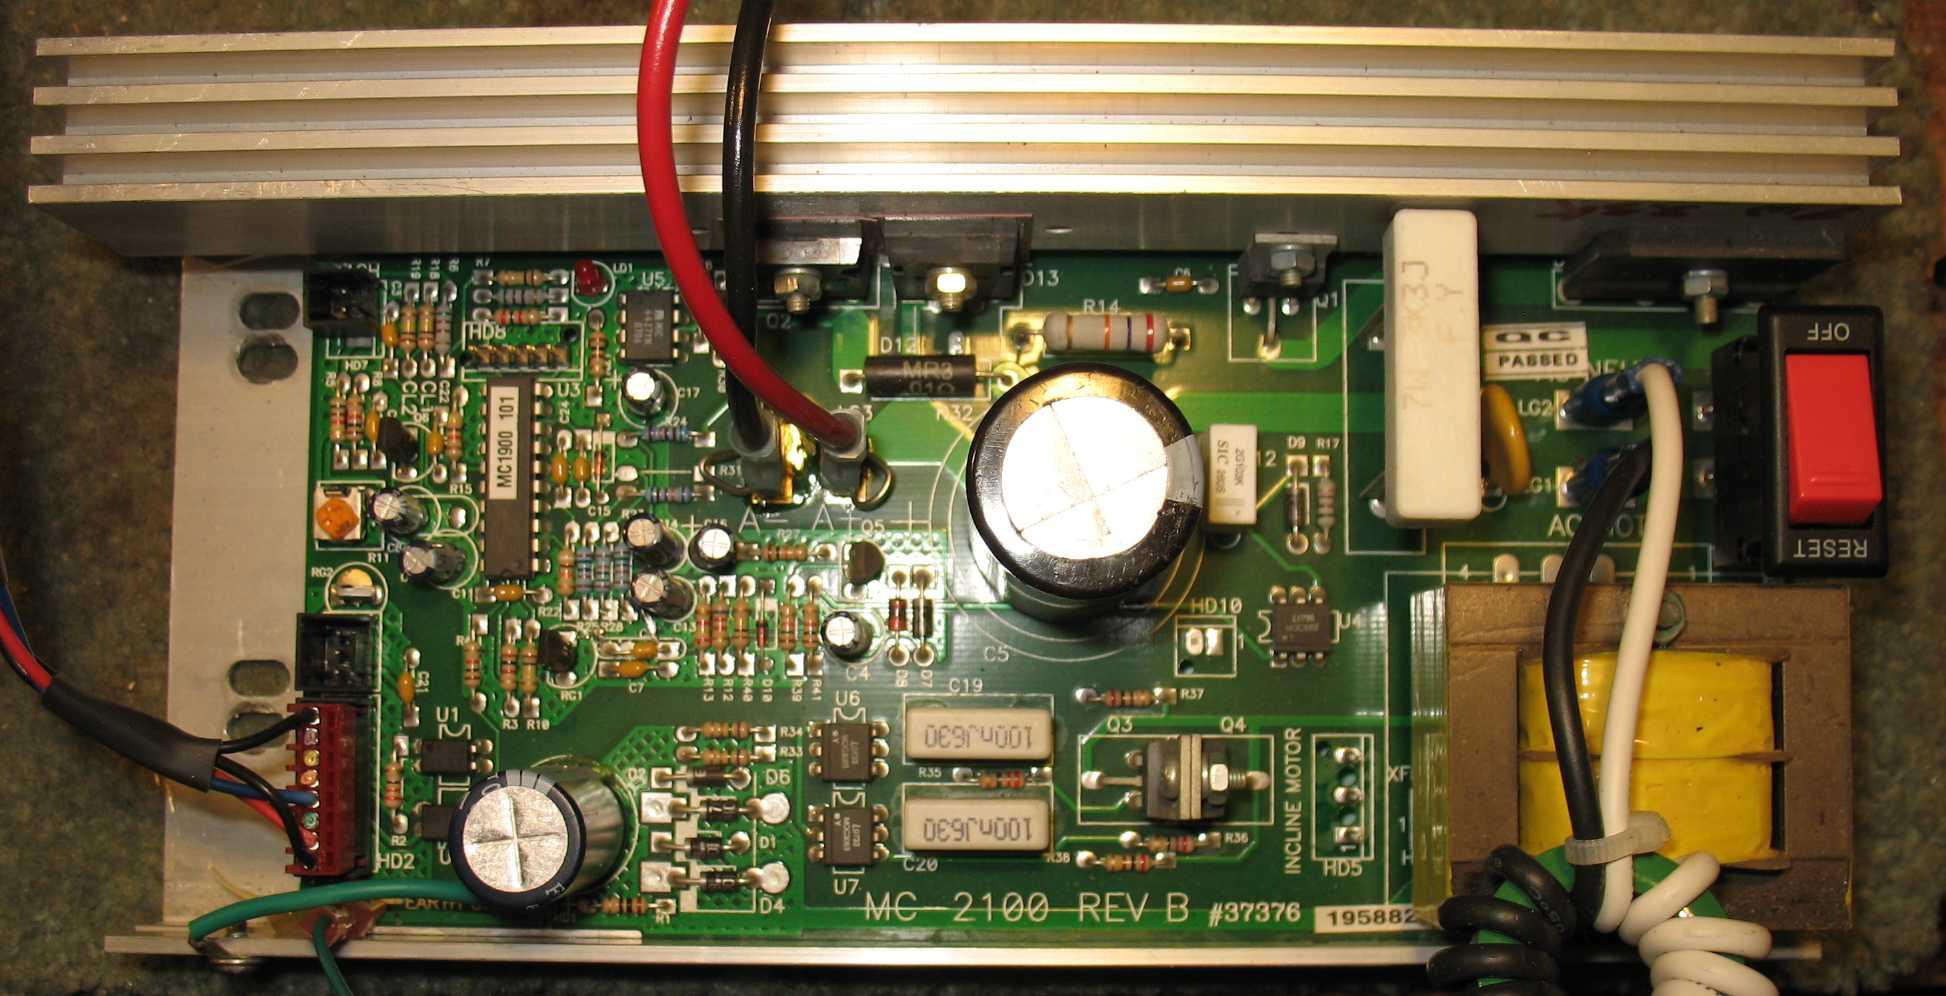 Ac Motor Schematic Diagram Mc 2100 Treadmill Motor Speed Control Circuit